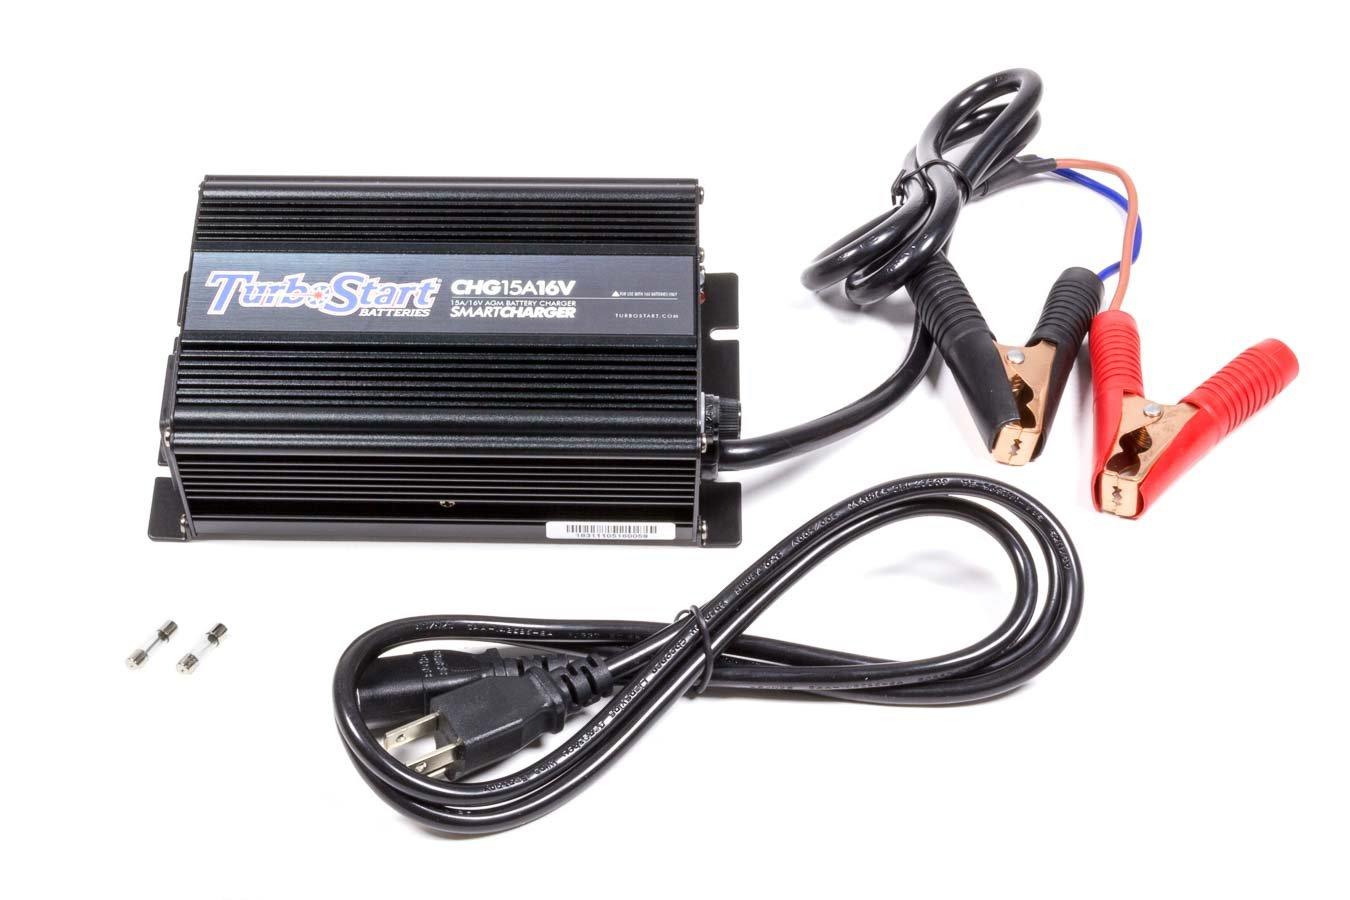 Turbostart CHG15A16V SMART Charger by TurboStart